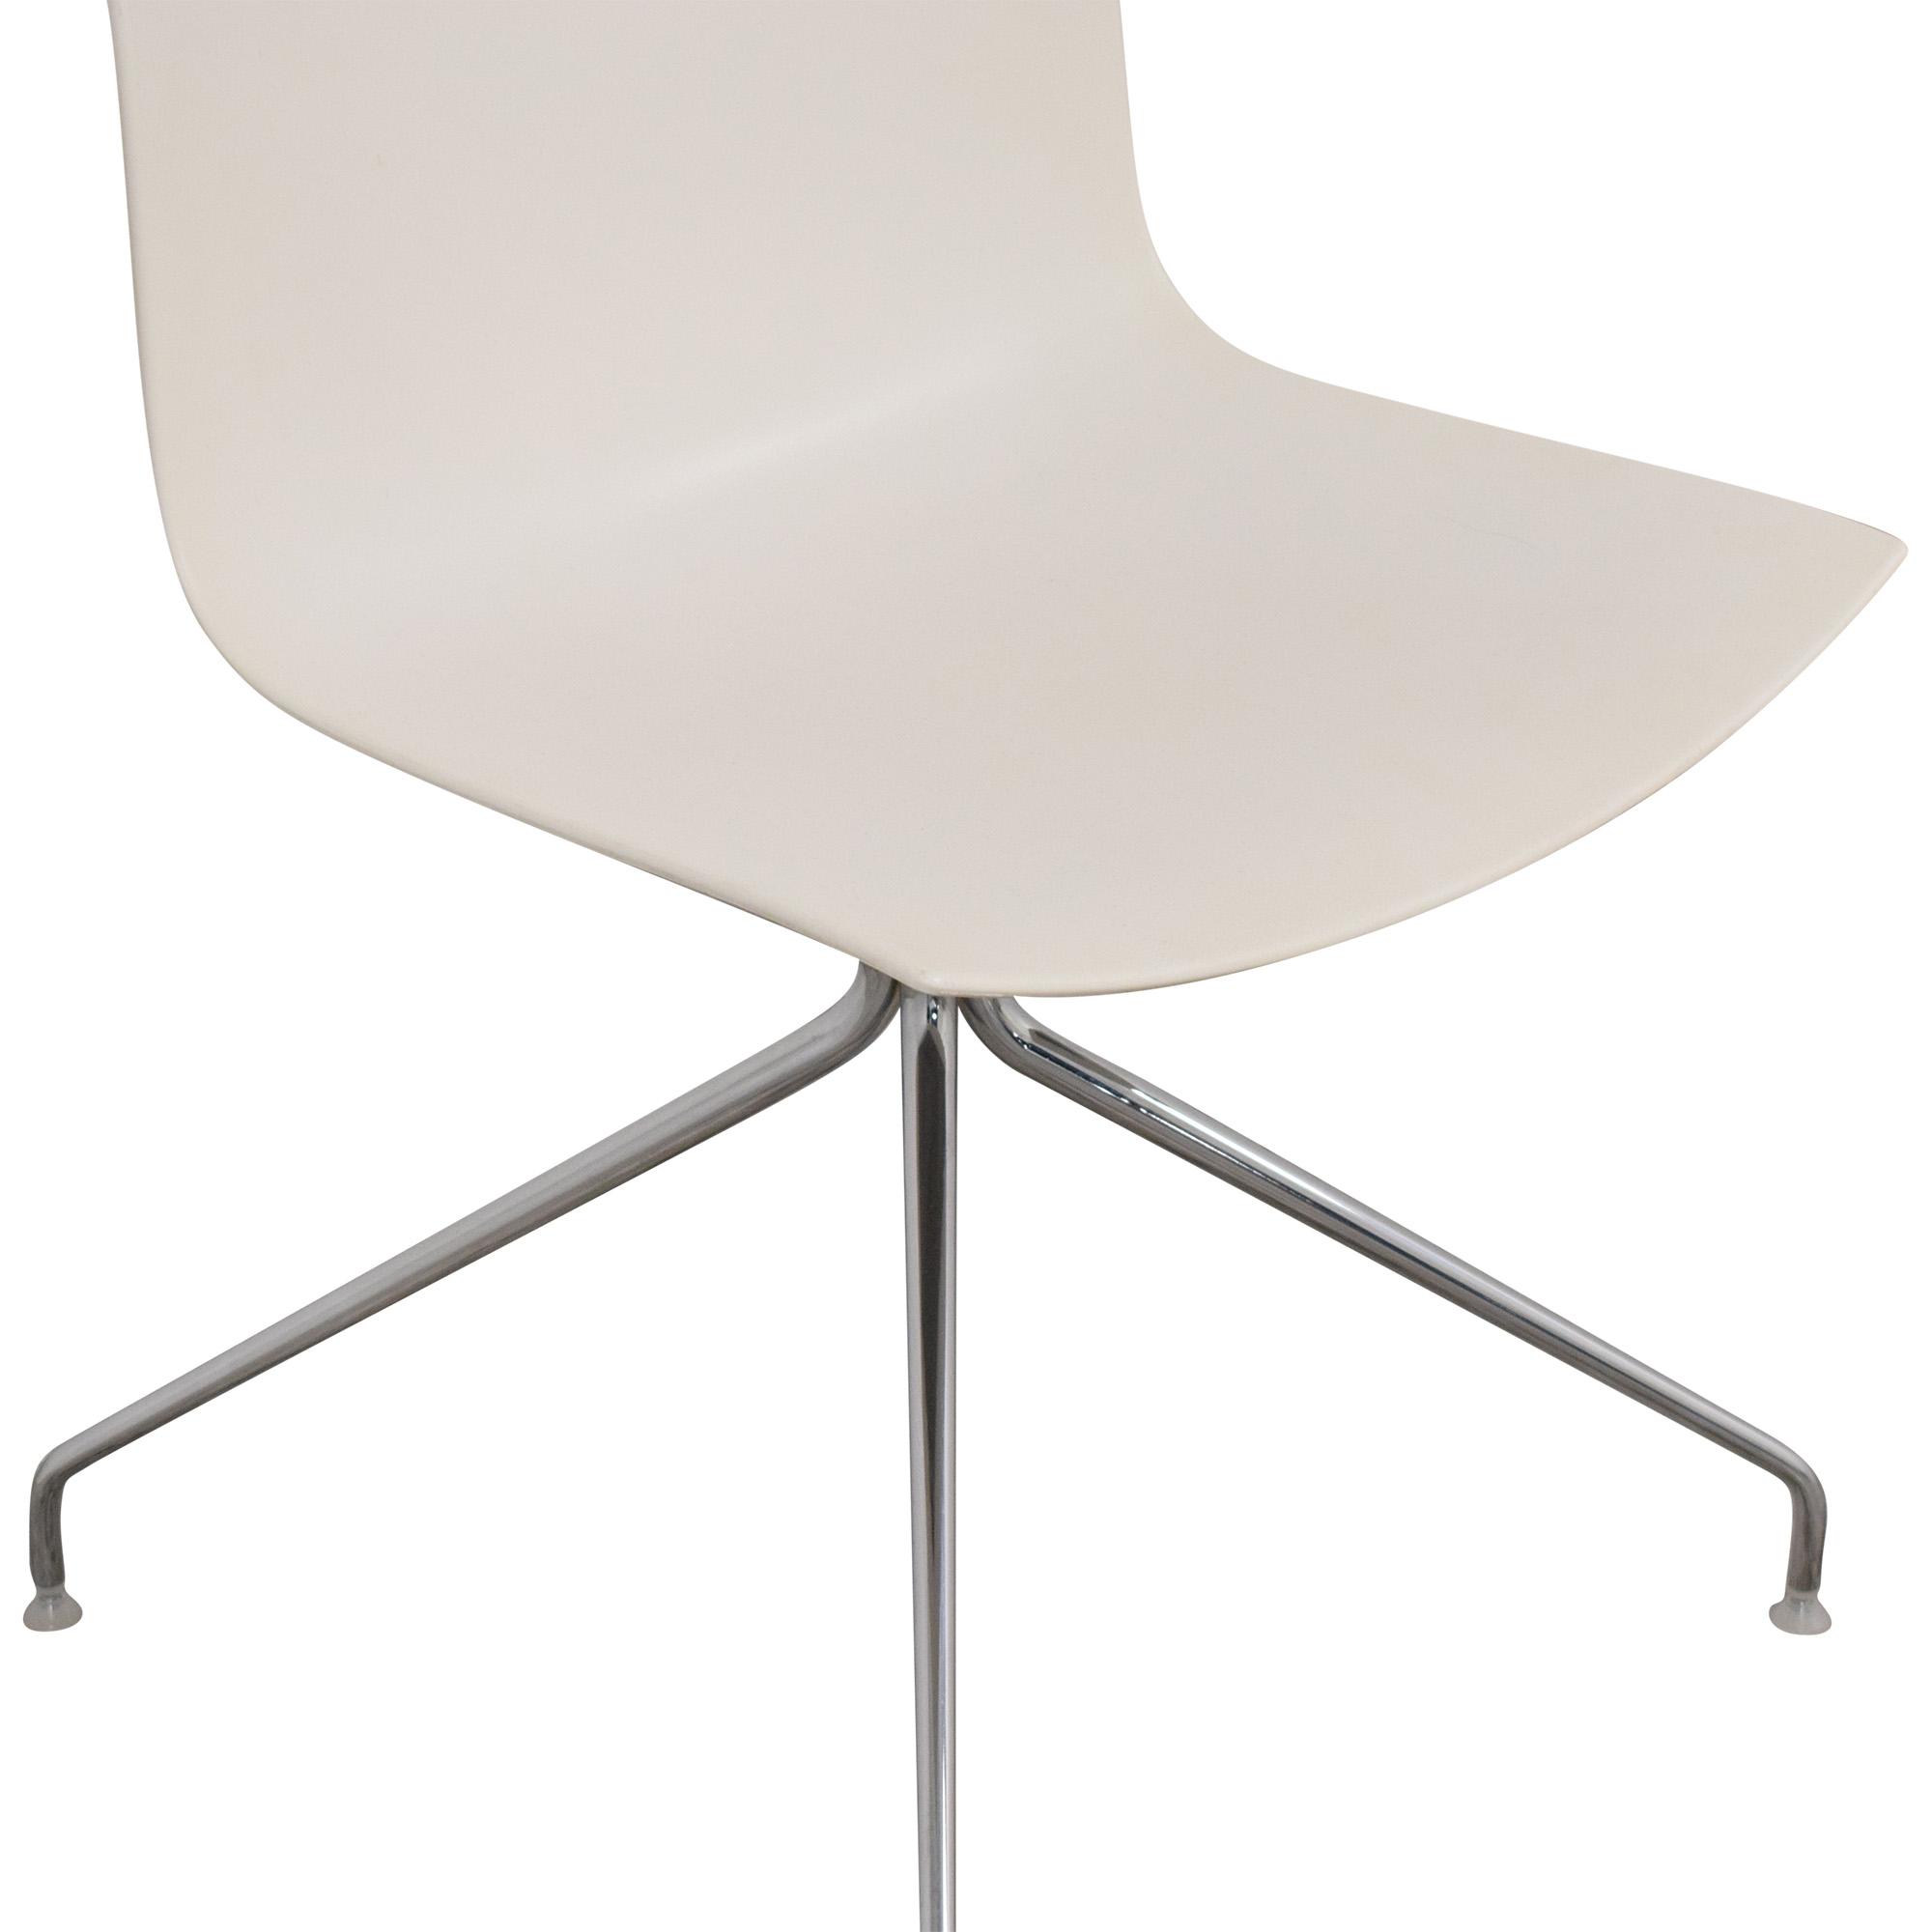 Arper Arper Catifa 46 Trestle Swivel Chair discount